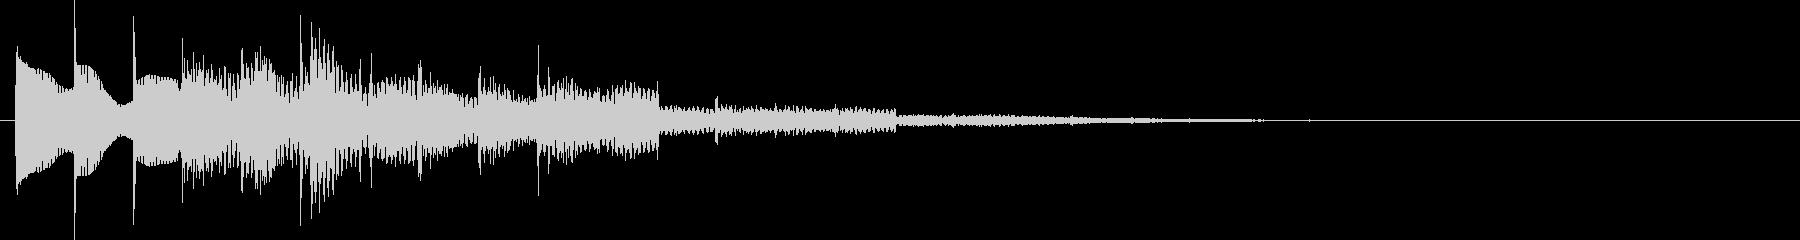 KANTベルサウンド入店音2の未再生の波形